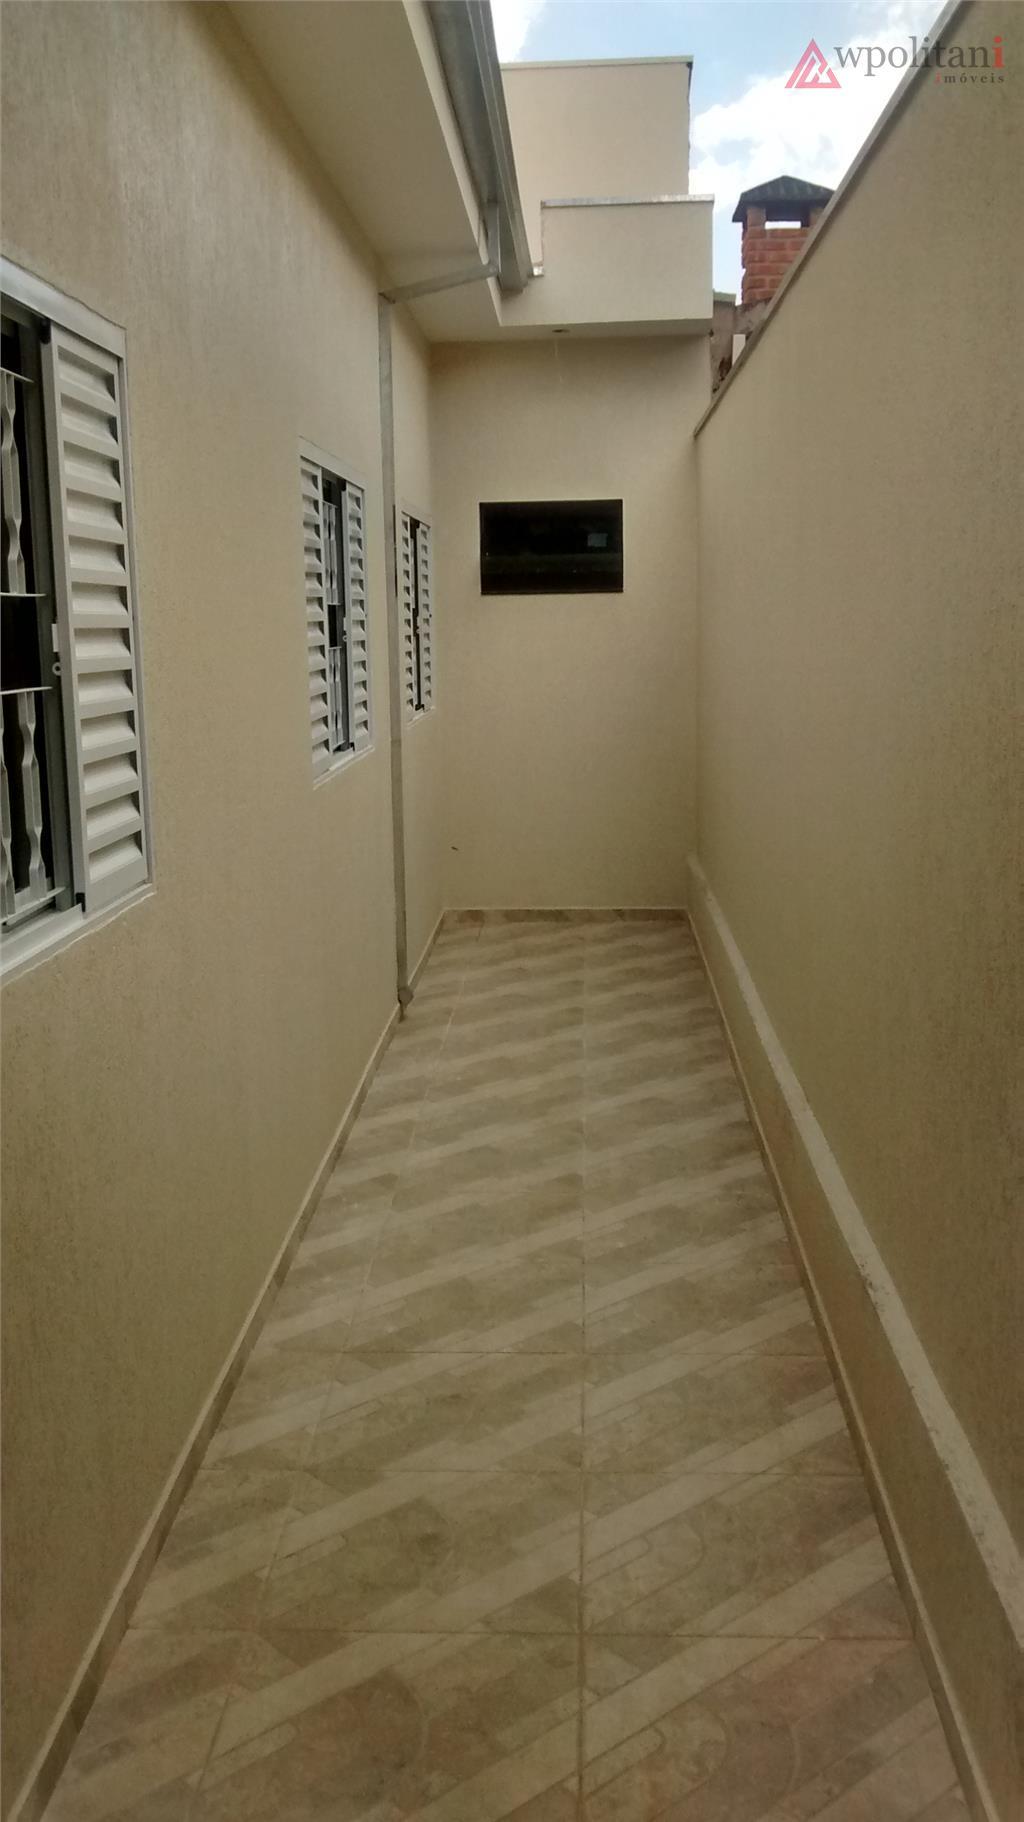 planalto do sol - casa recém construída com 3 dormitórios, sendo 1 suíte, banheiro social, cozinha,...